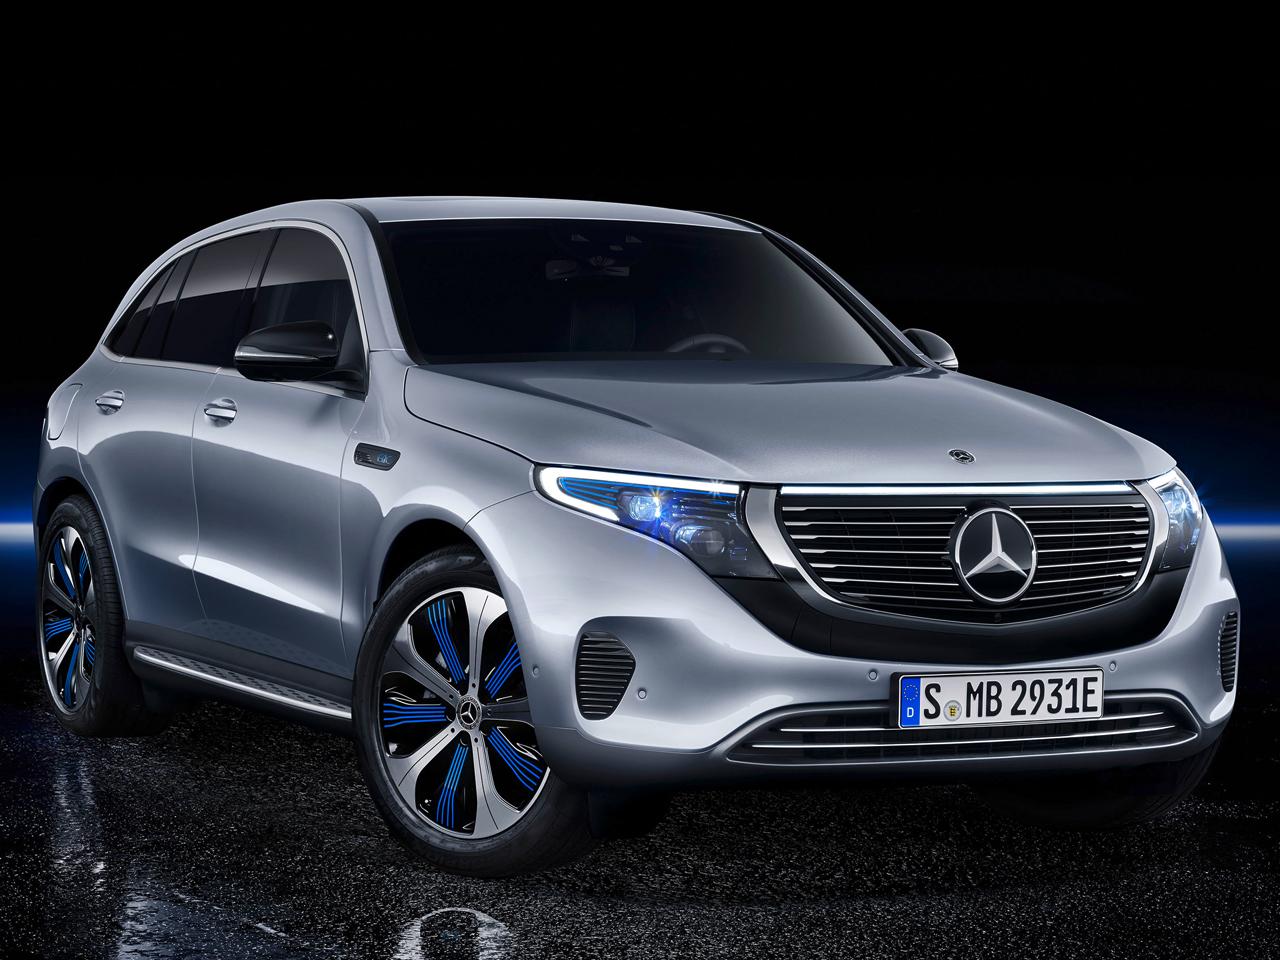 メルセデス・ベンツ EQC 2019年モデル 新車画像